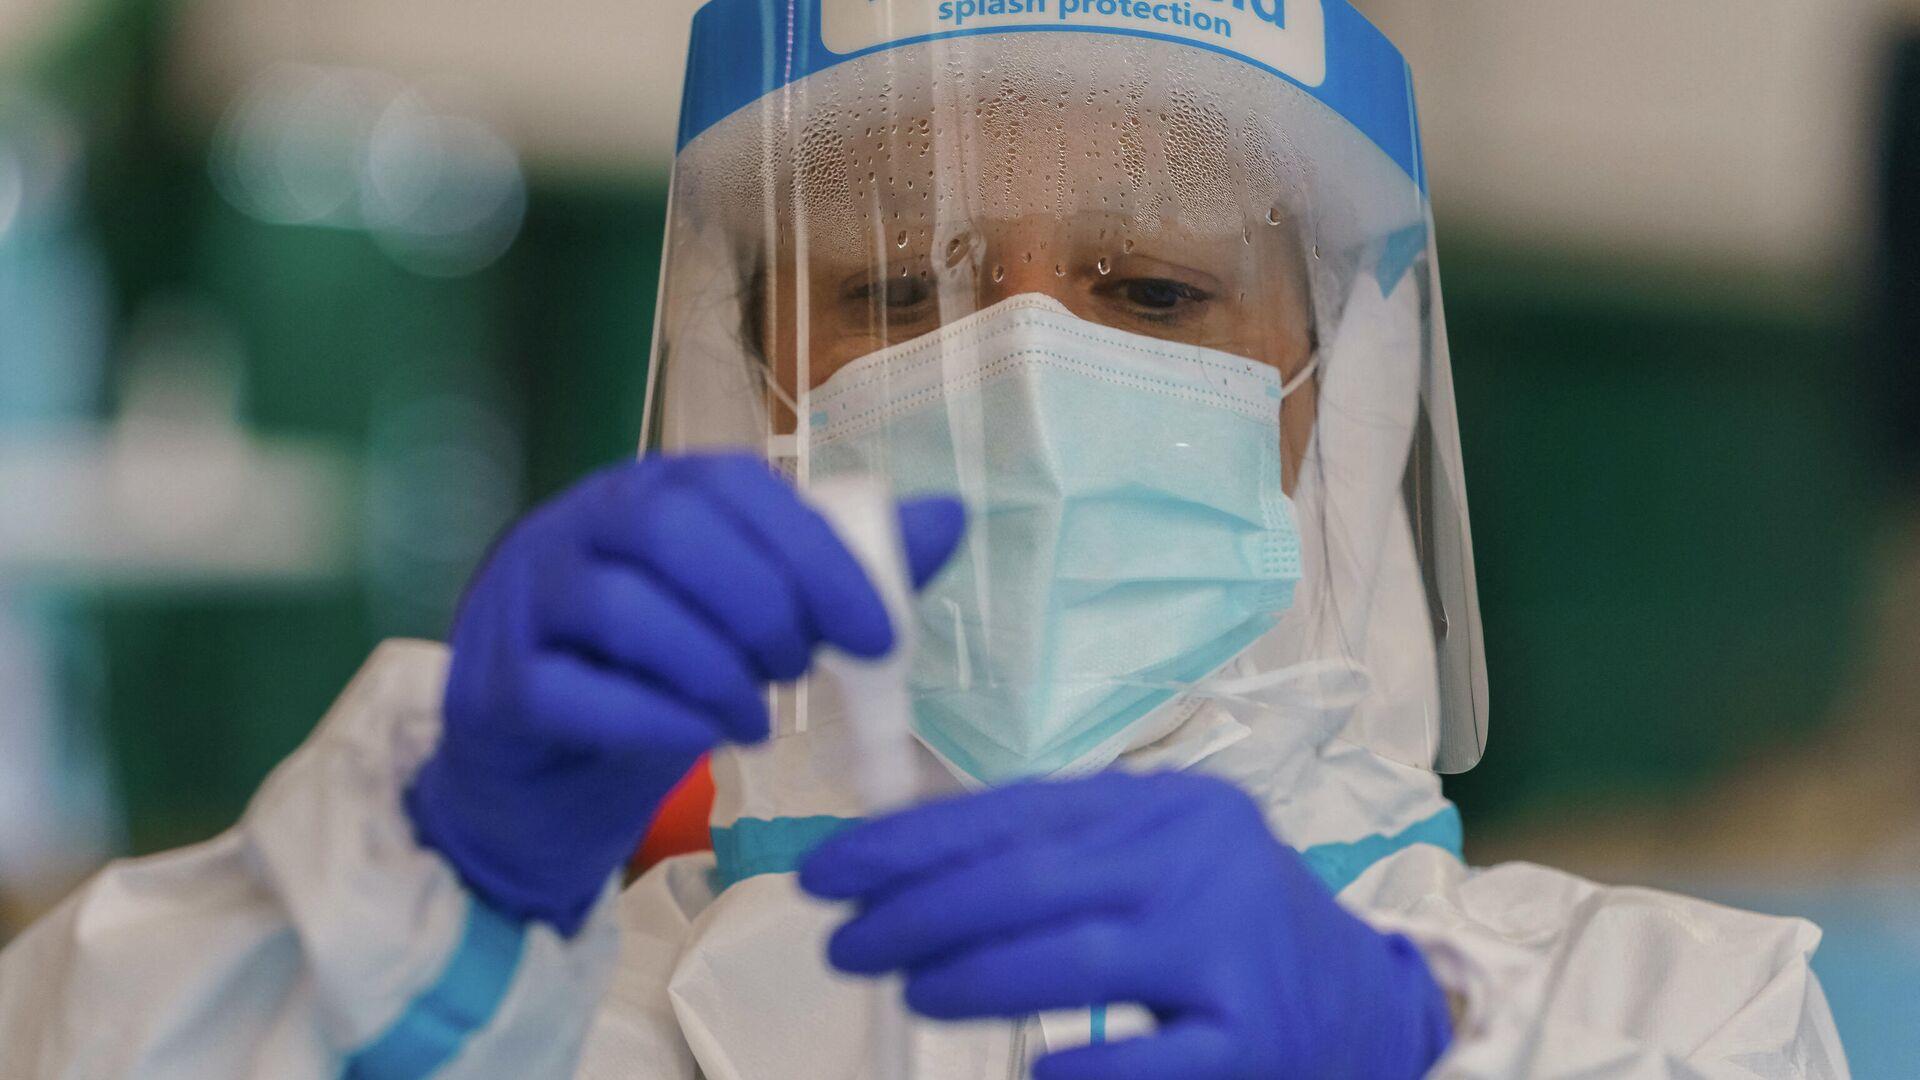 Un trabajador sanitario realiza una prueba rápida de antígeno para COVID-19  - Sputnik Mundo, 1920, 15.02.2021